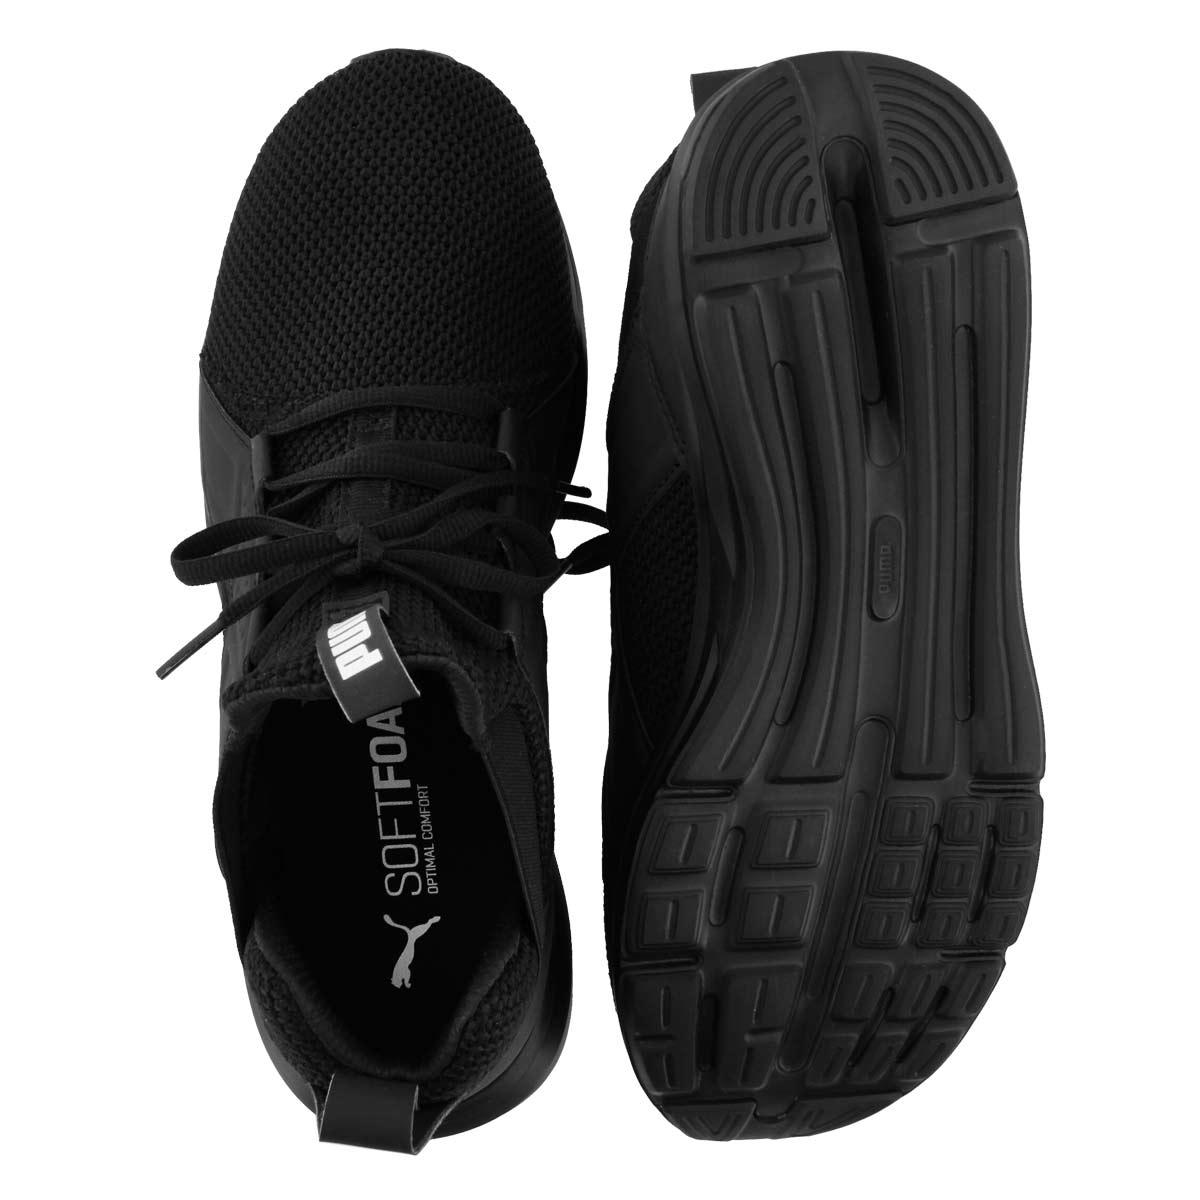 Mns Enzo Weave blk/wht sneaker